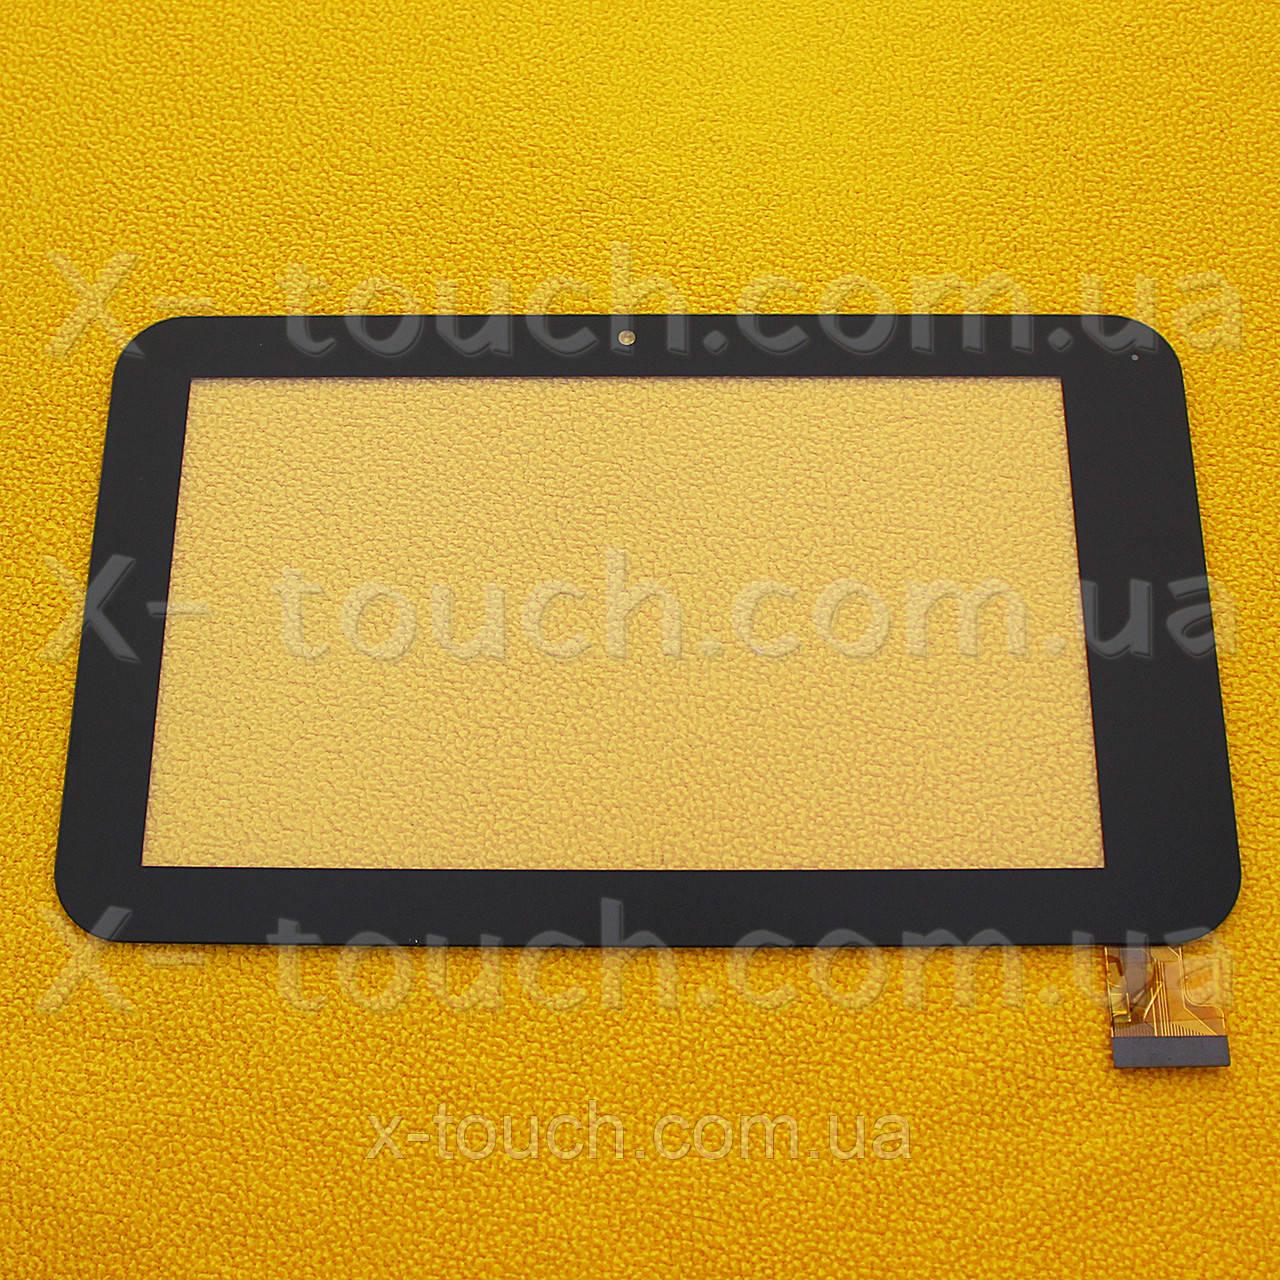 Тачскрин, сенсор  TOPSUN_C0176_A1 для планшета